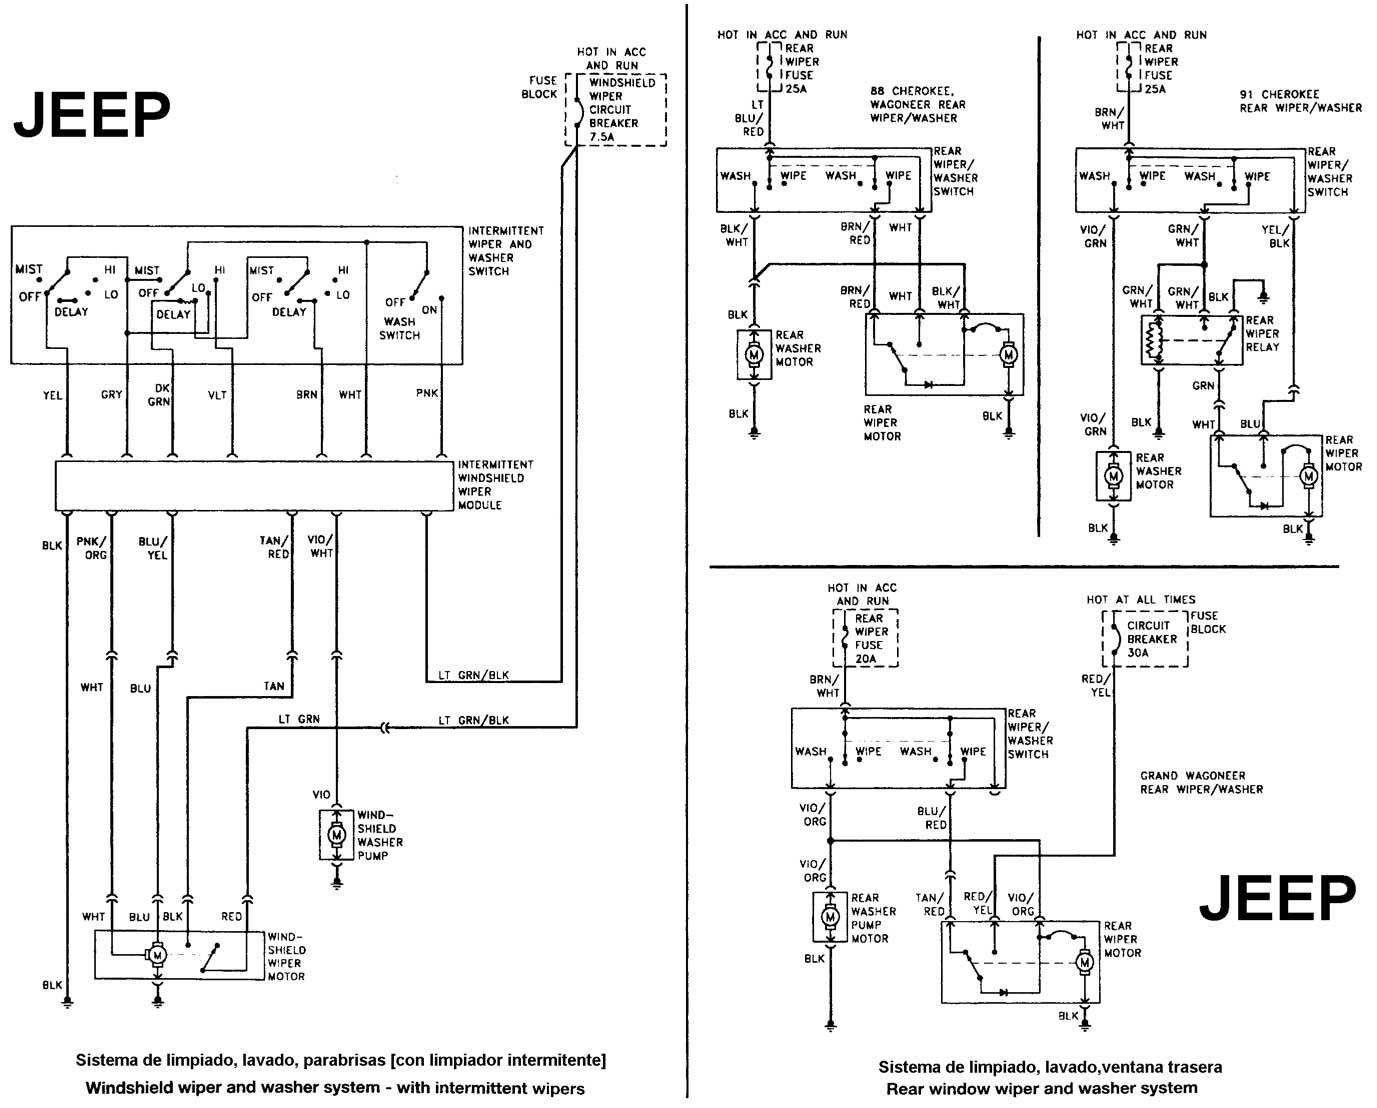 jeep grand cherokee Motor diagrama de cableado